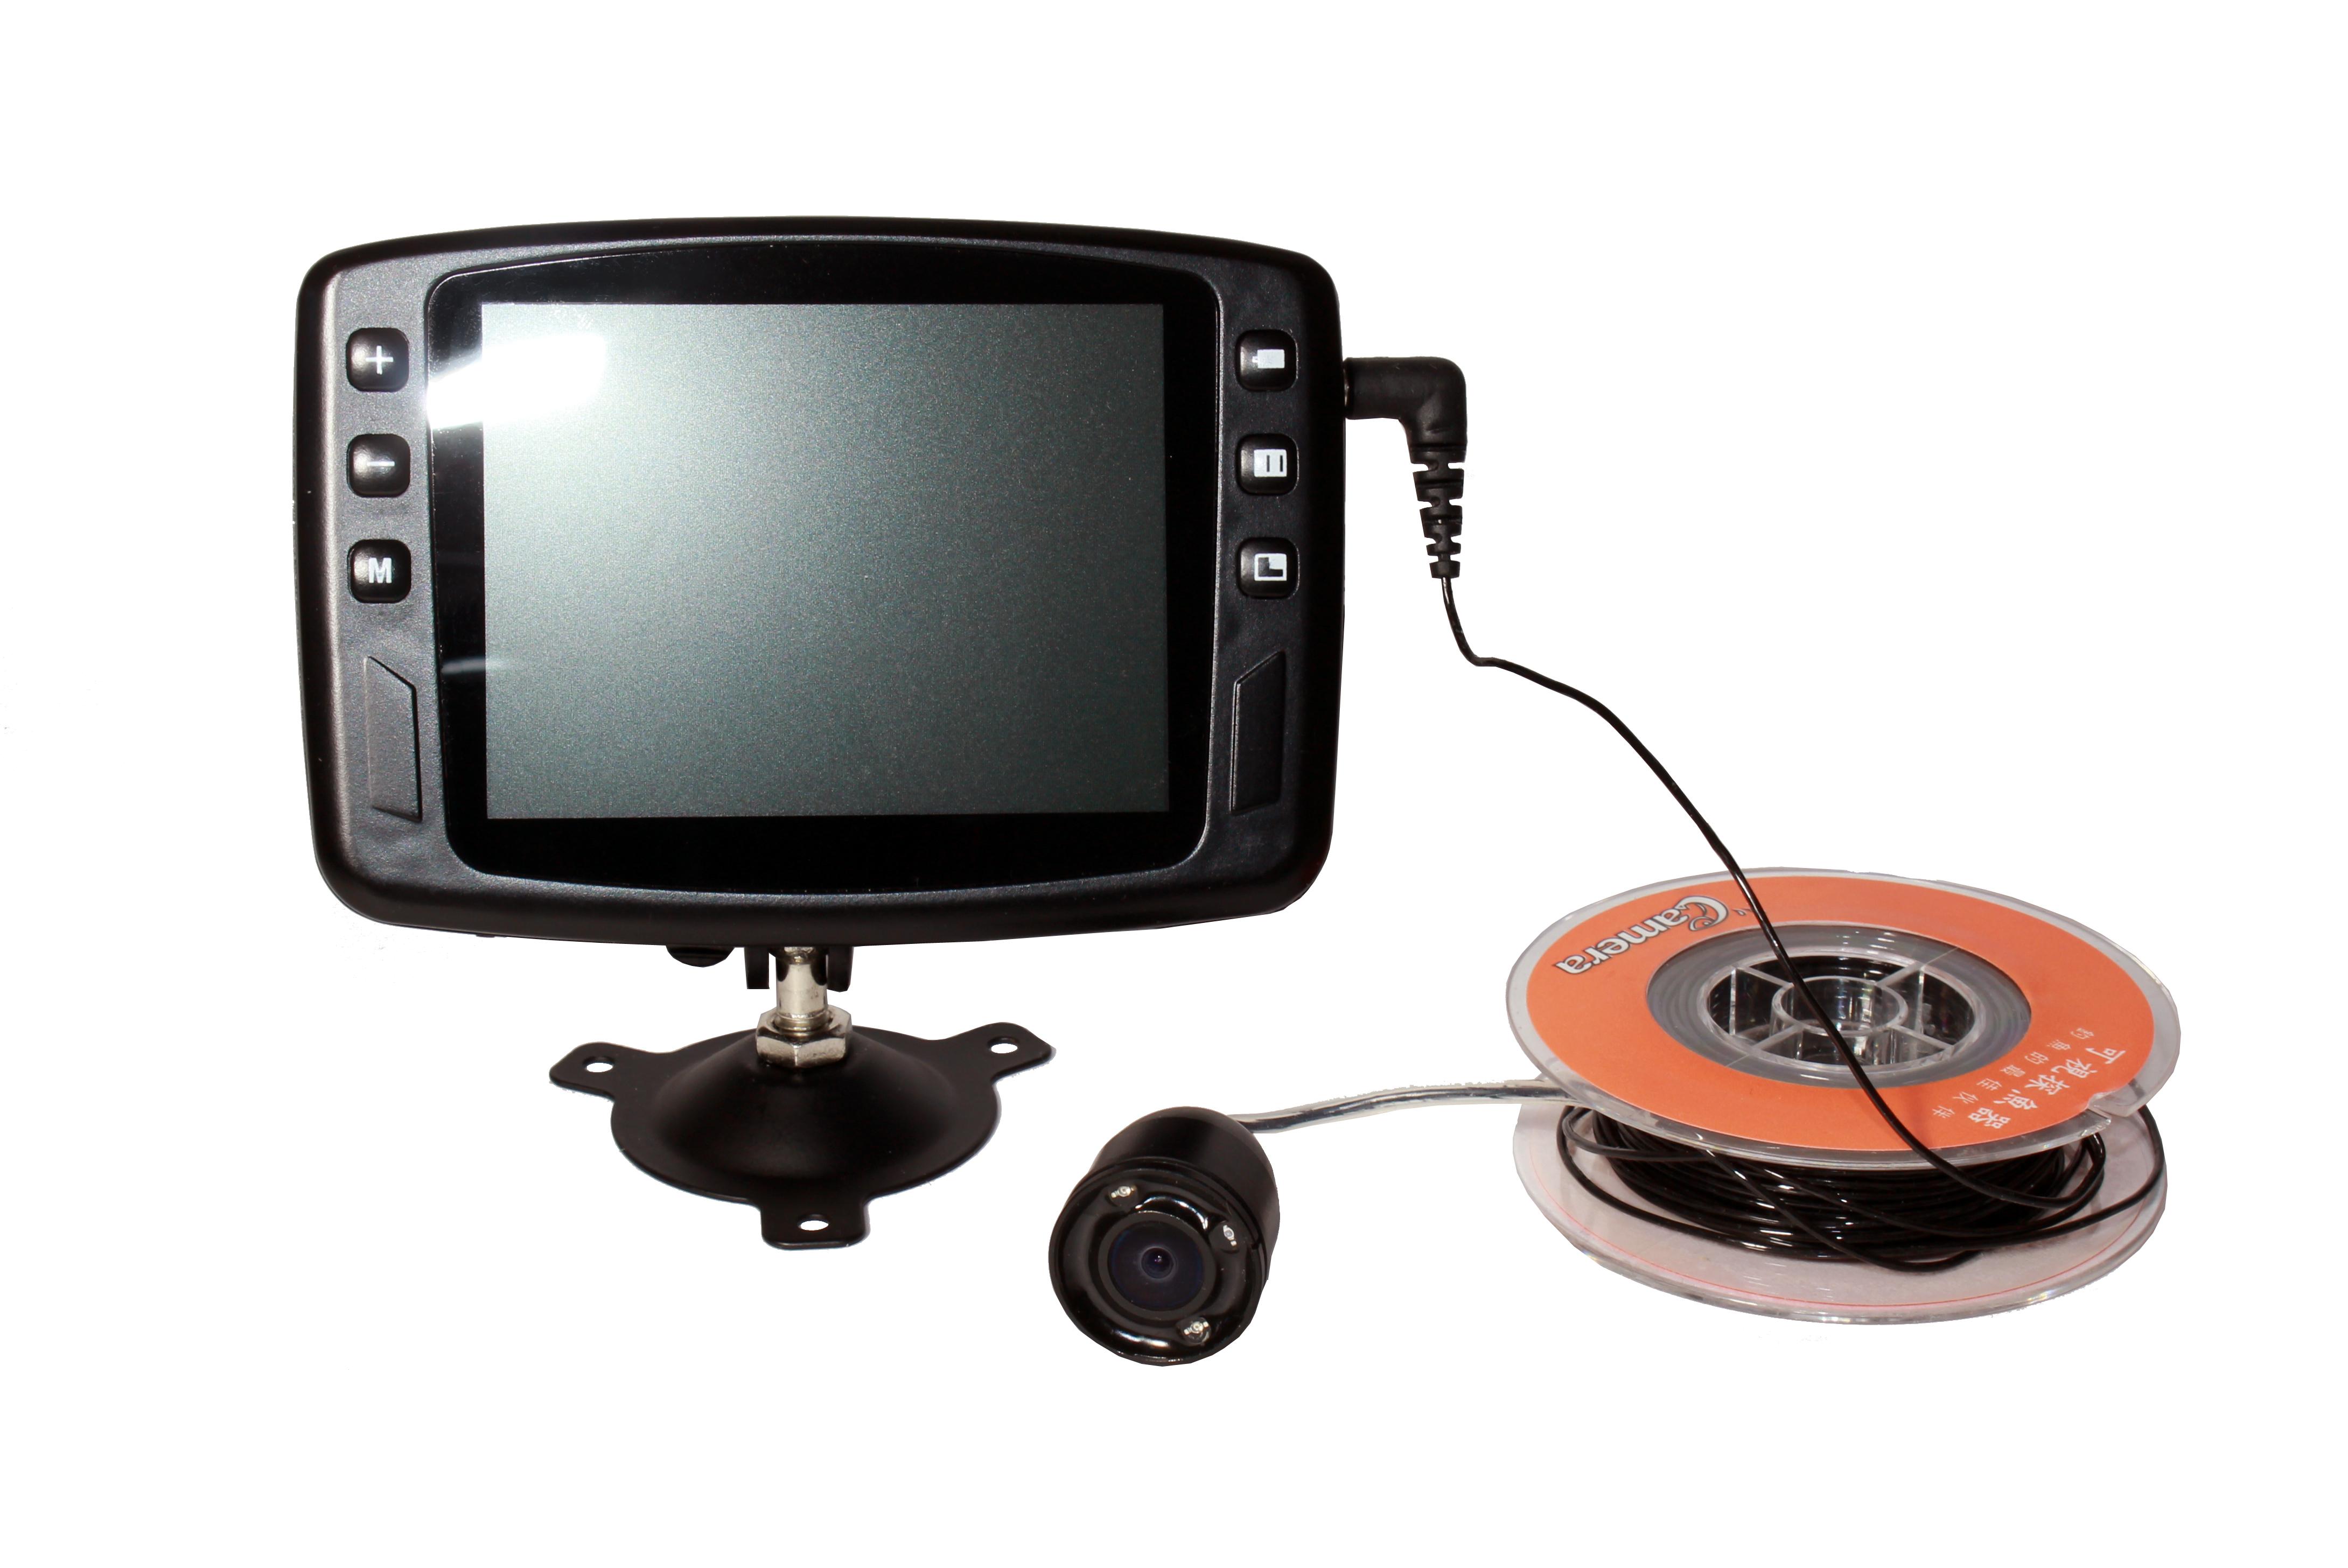 """Монитор рыболовной видеокамеры """"FishCam-501"""" обеспечивает детализированное изображение, а кабель длиной 15 м — возможность глубоководной съемки (нажмите на фото для увеличения)"""